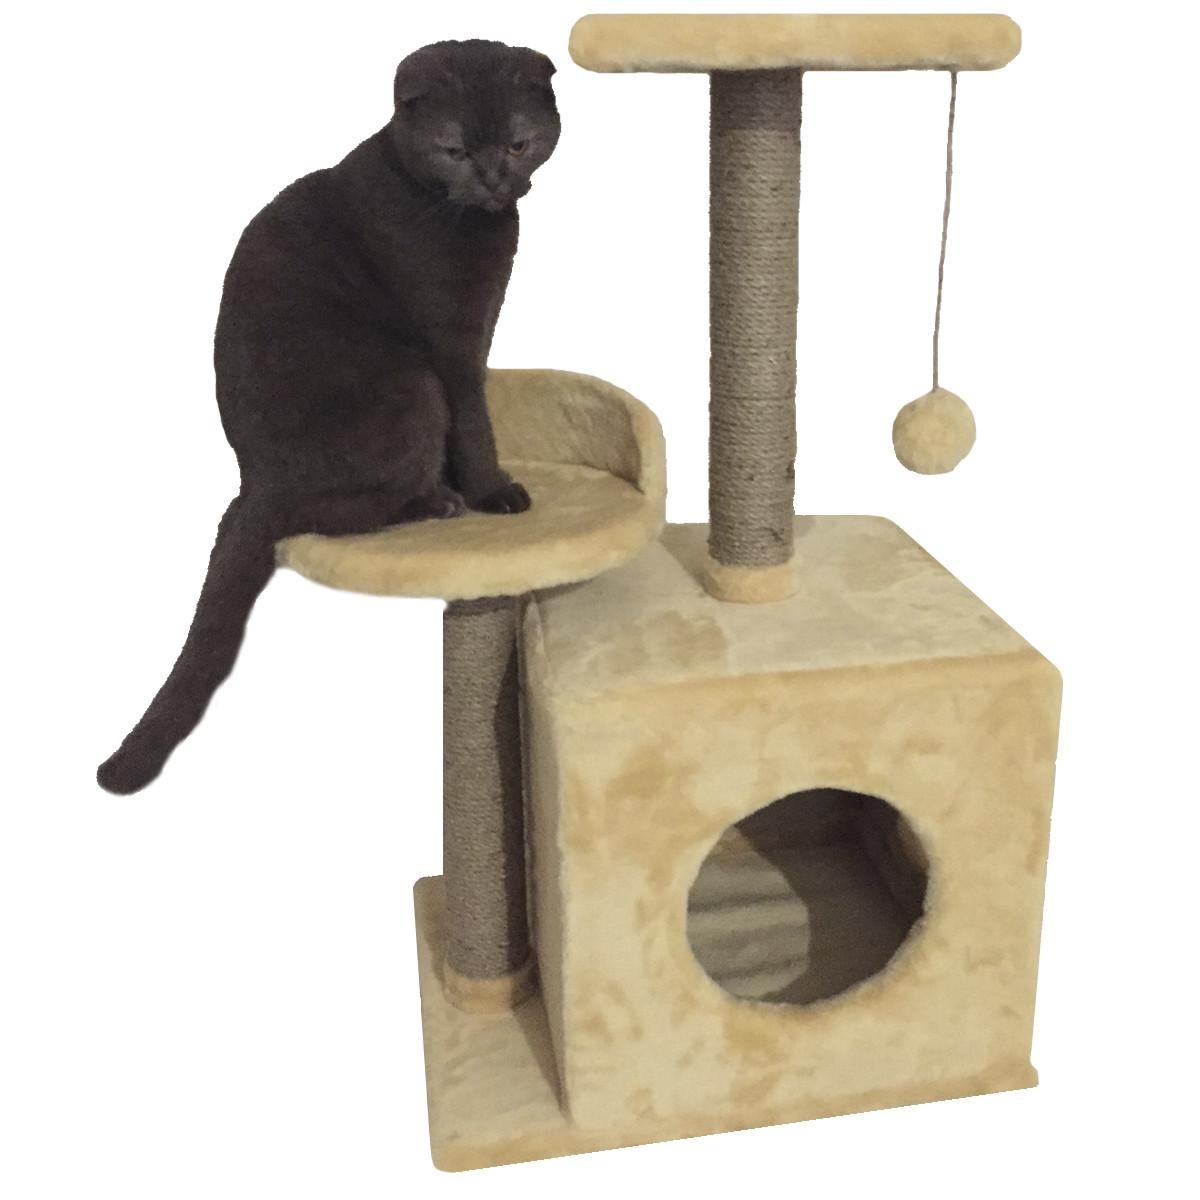 Домик-когтеточка с полкой Буся 36х46х80см (дряпка) для кошки Бежевый